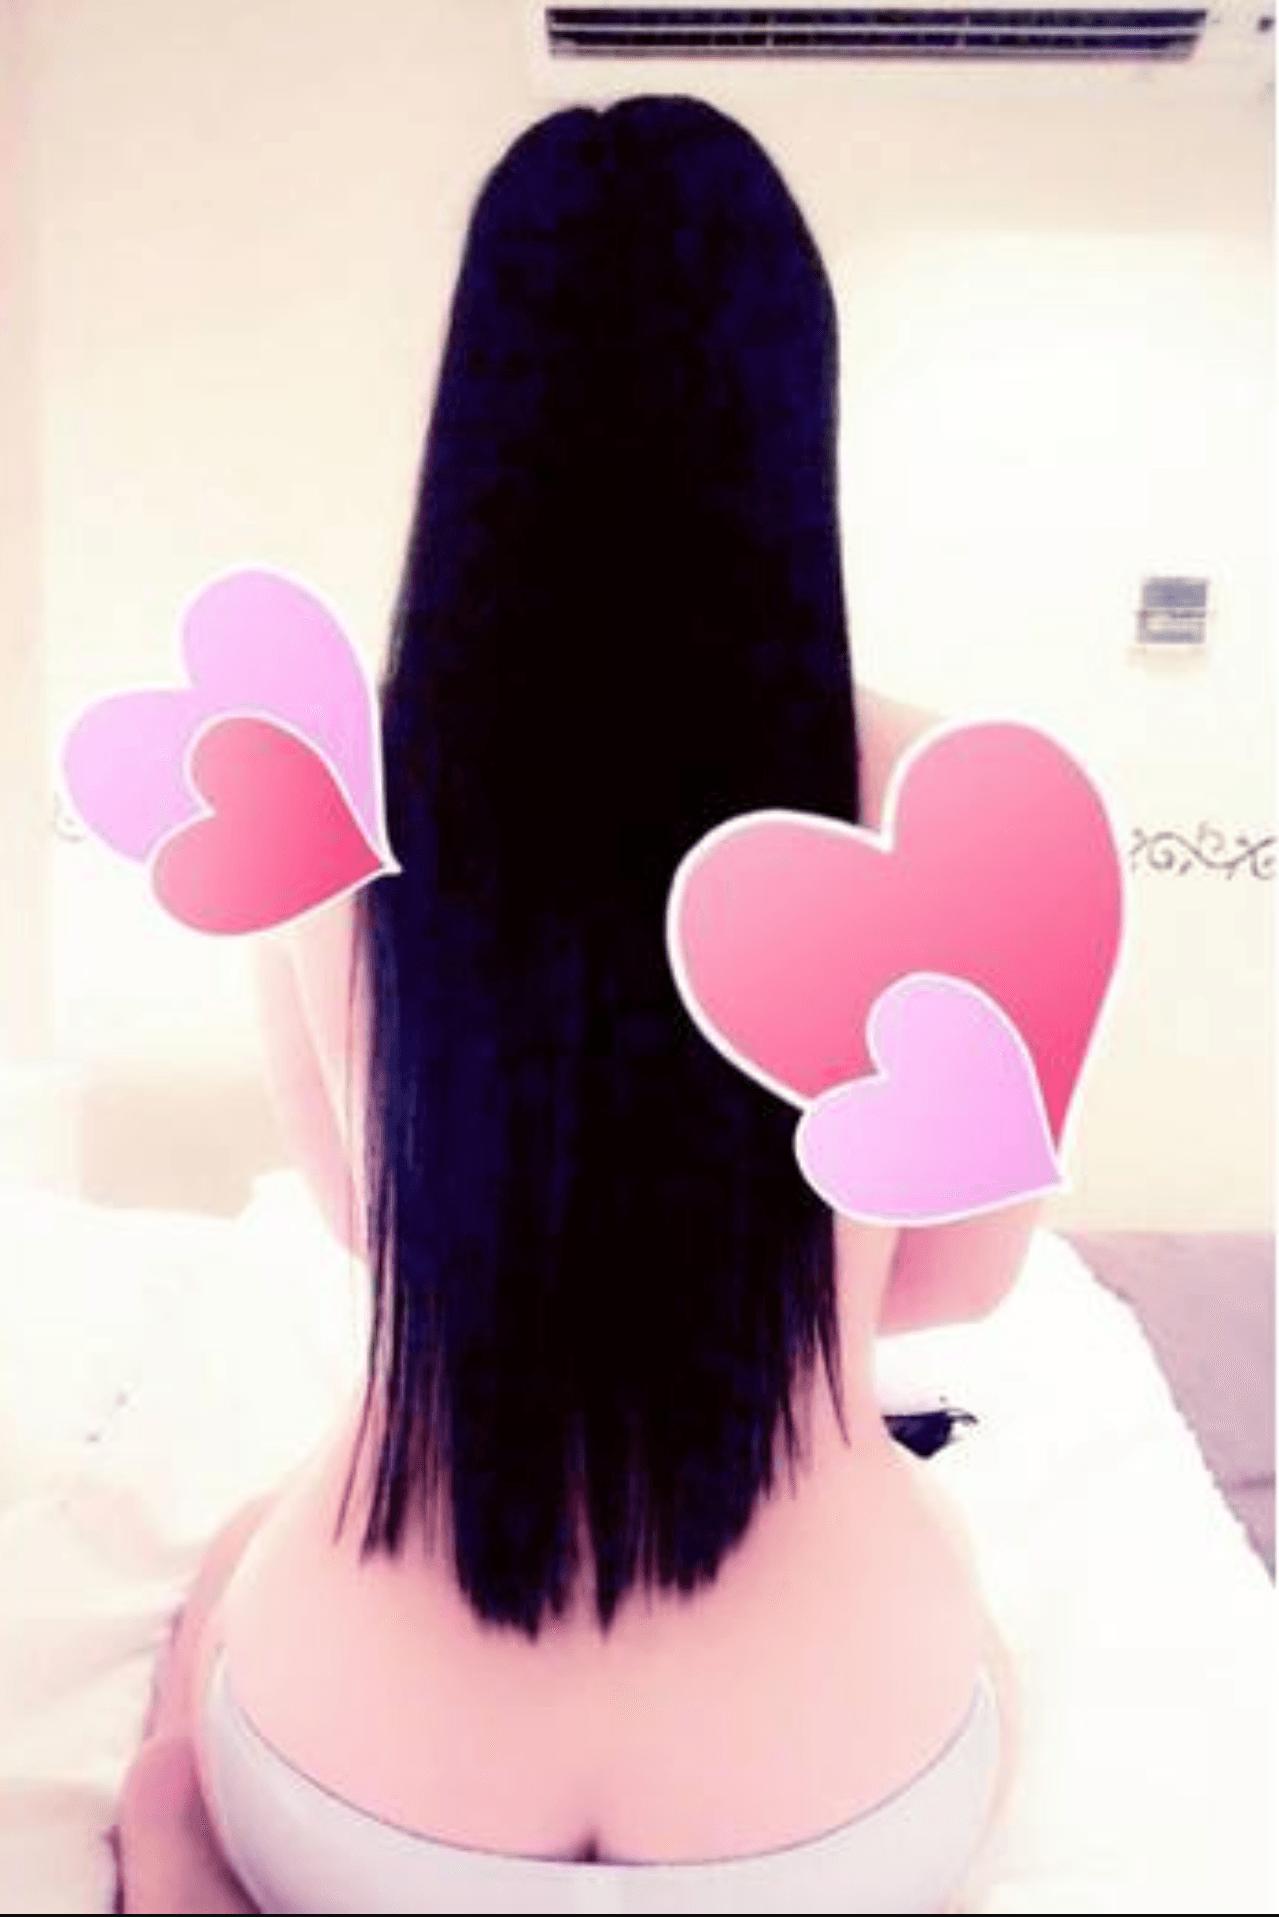 「*〜ありがとうございました〜*」10/22(火) 03:42   新人★藤咲 魅惑の黒髪ドS痴女の写メ・風俗動画